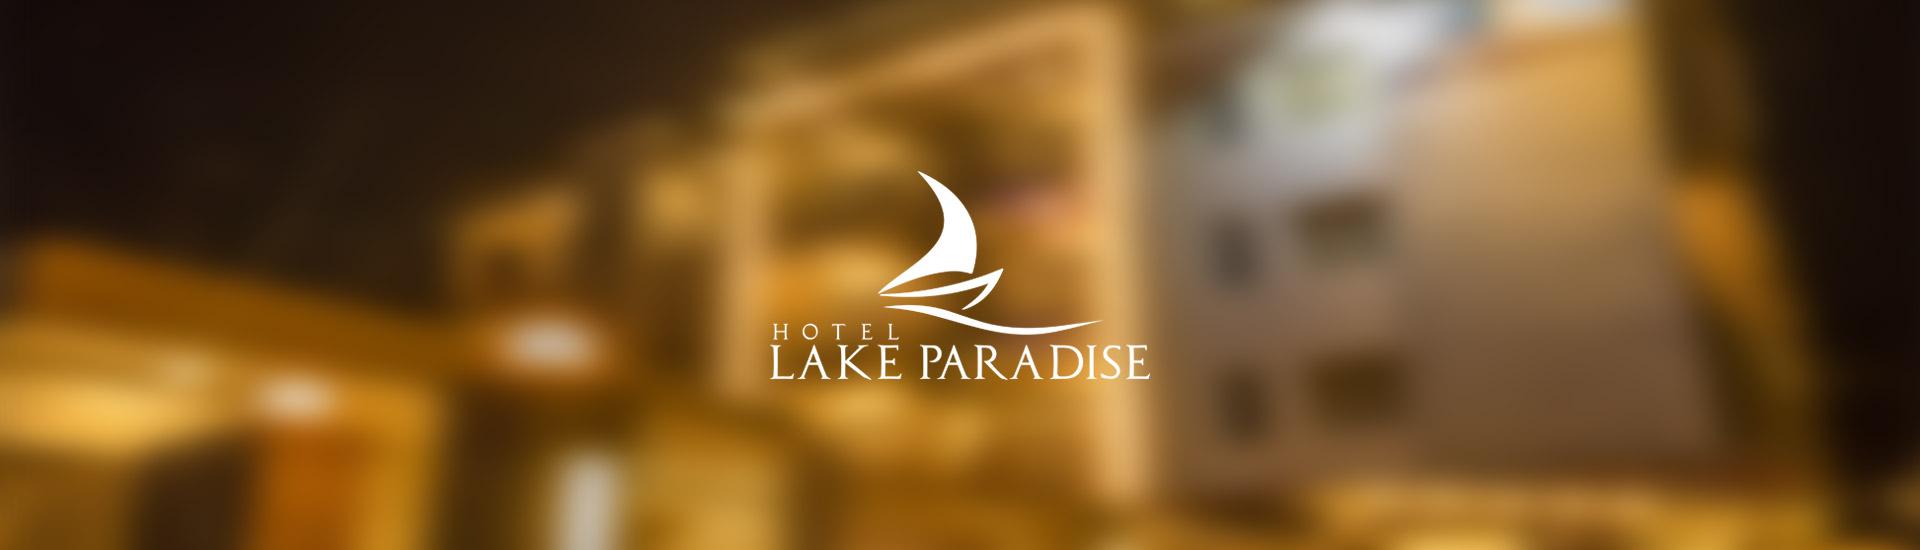 Hotel Lake Paradise